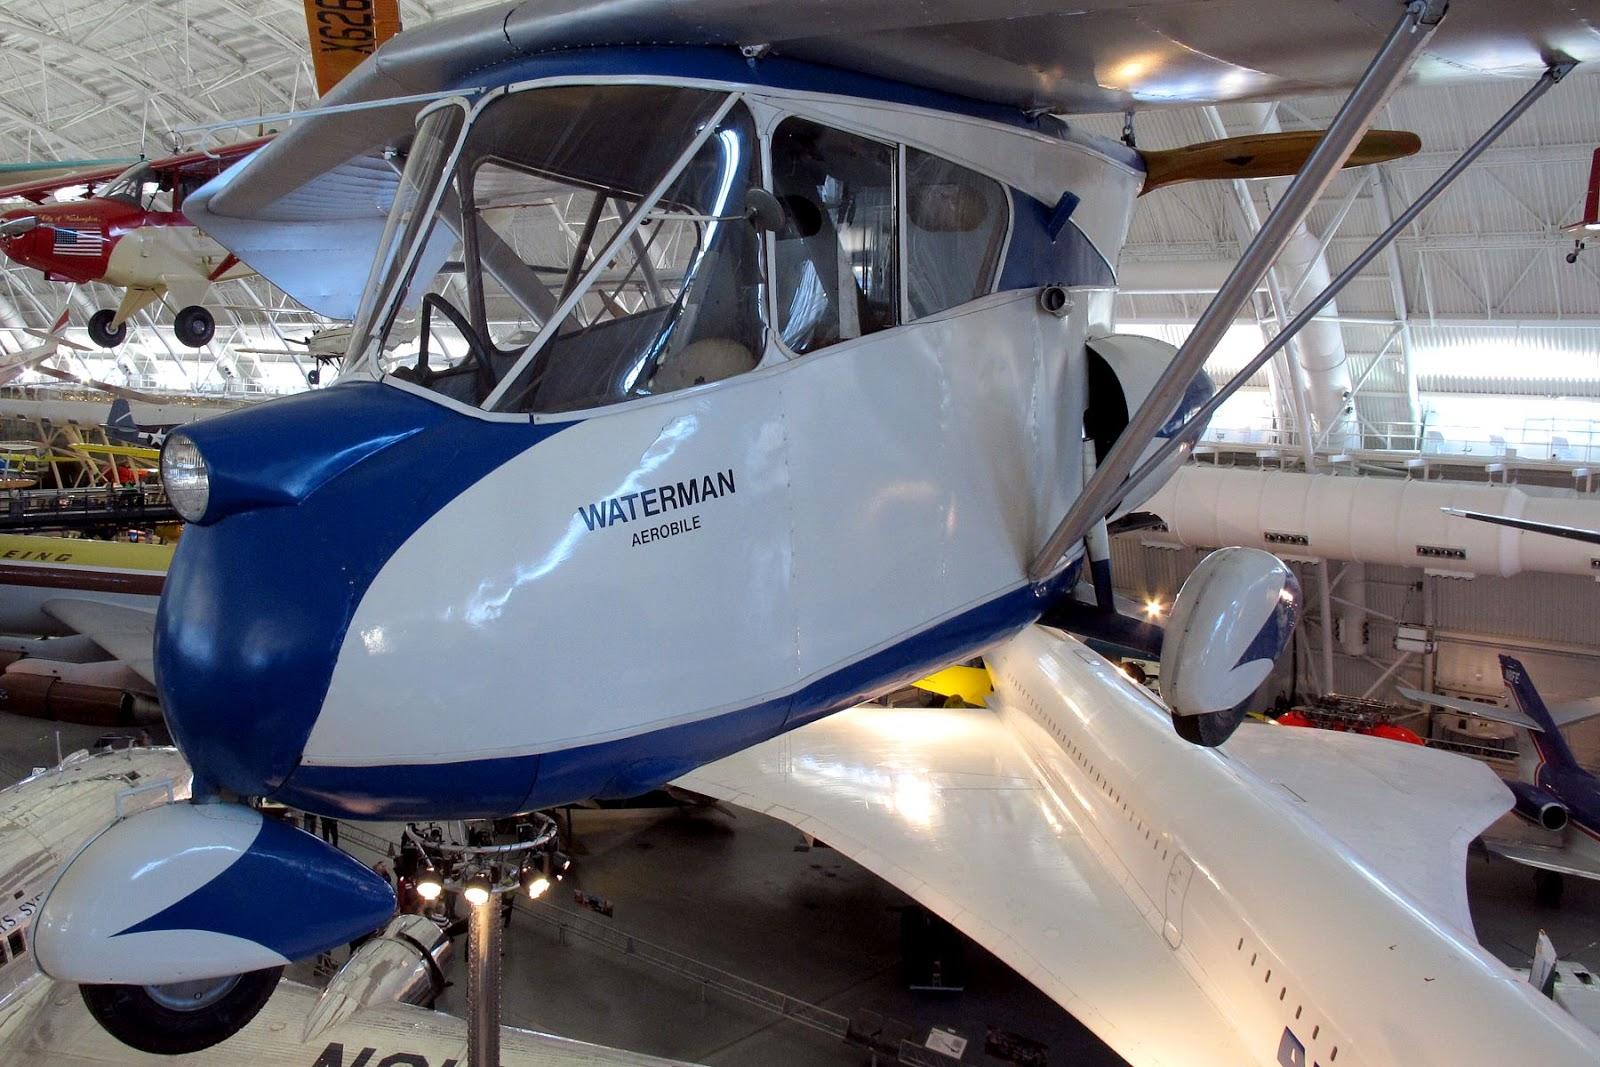 Discettazioni erranti: Macchine e oggetti volanti ... reali e dal vivo